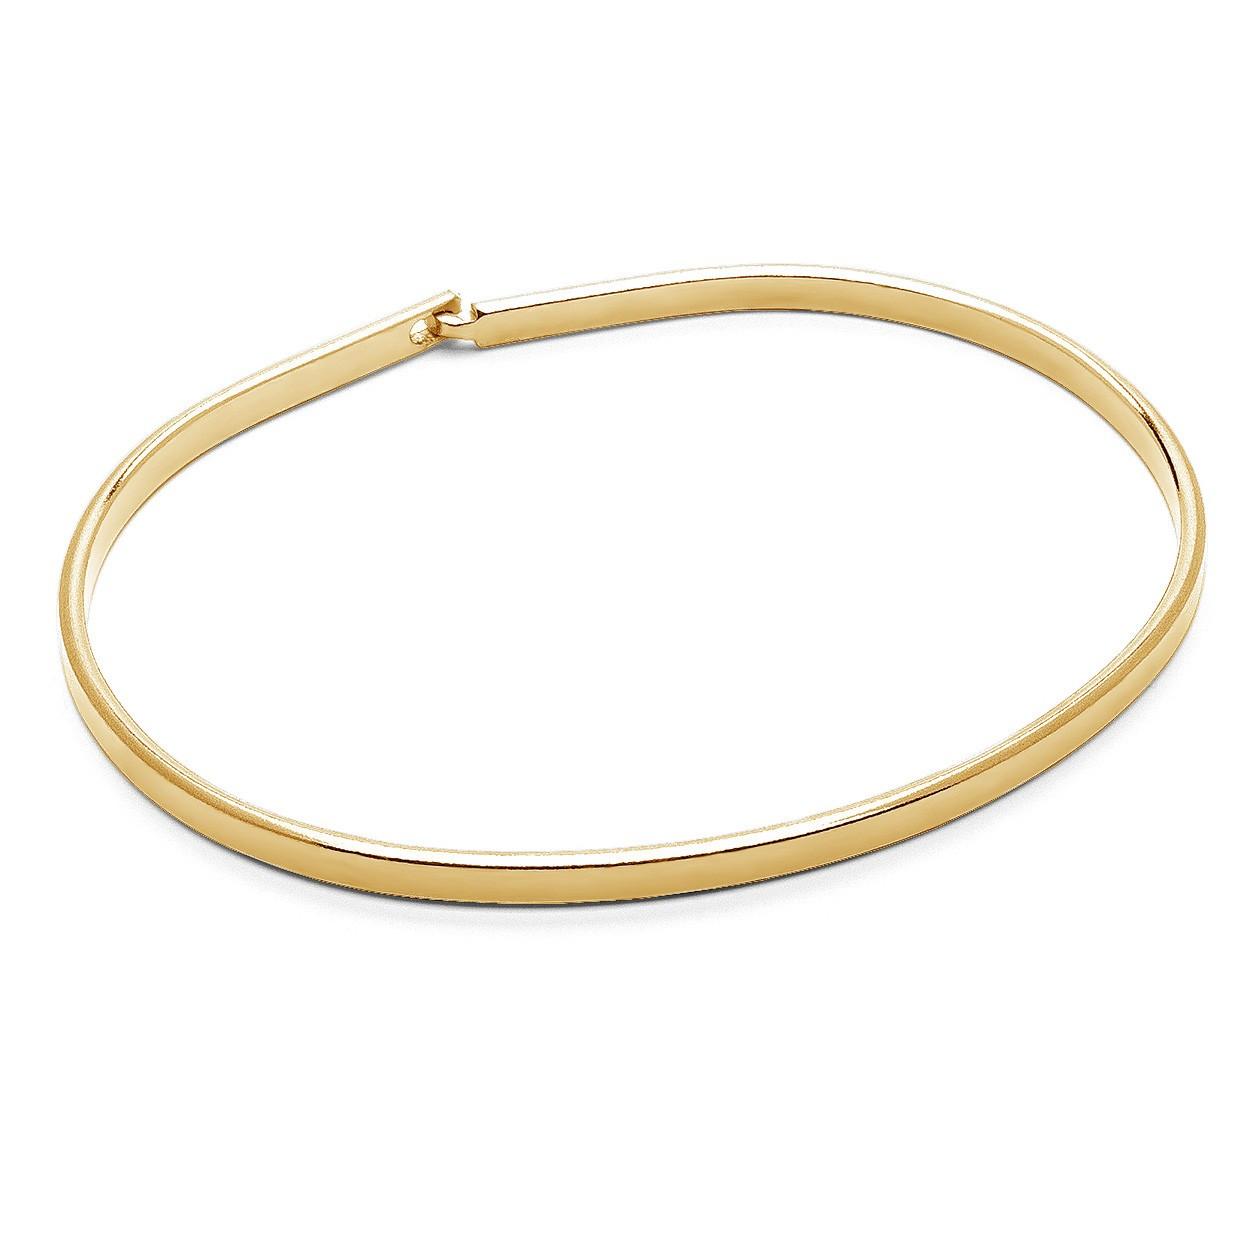 Unisex bangle bracelet, brushed sterling silver 925